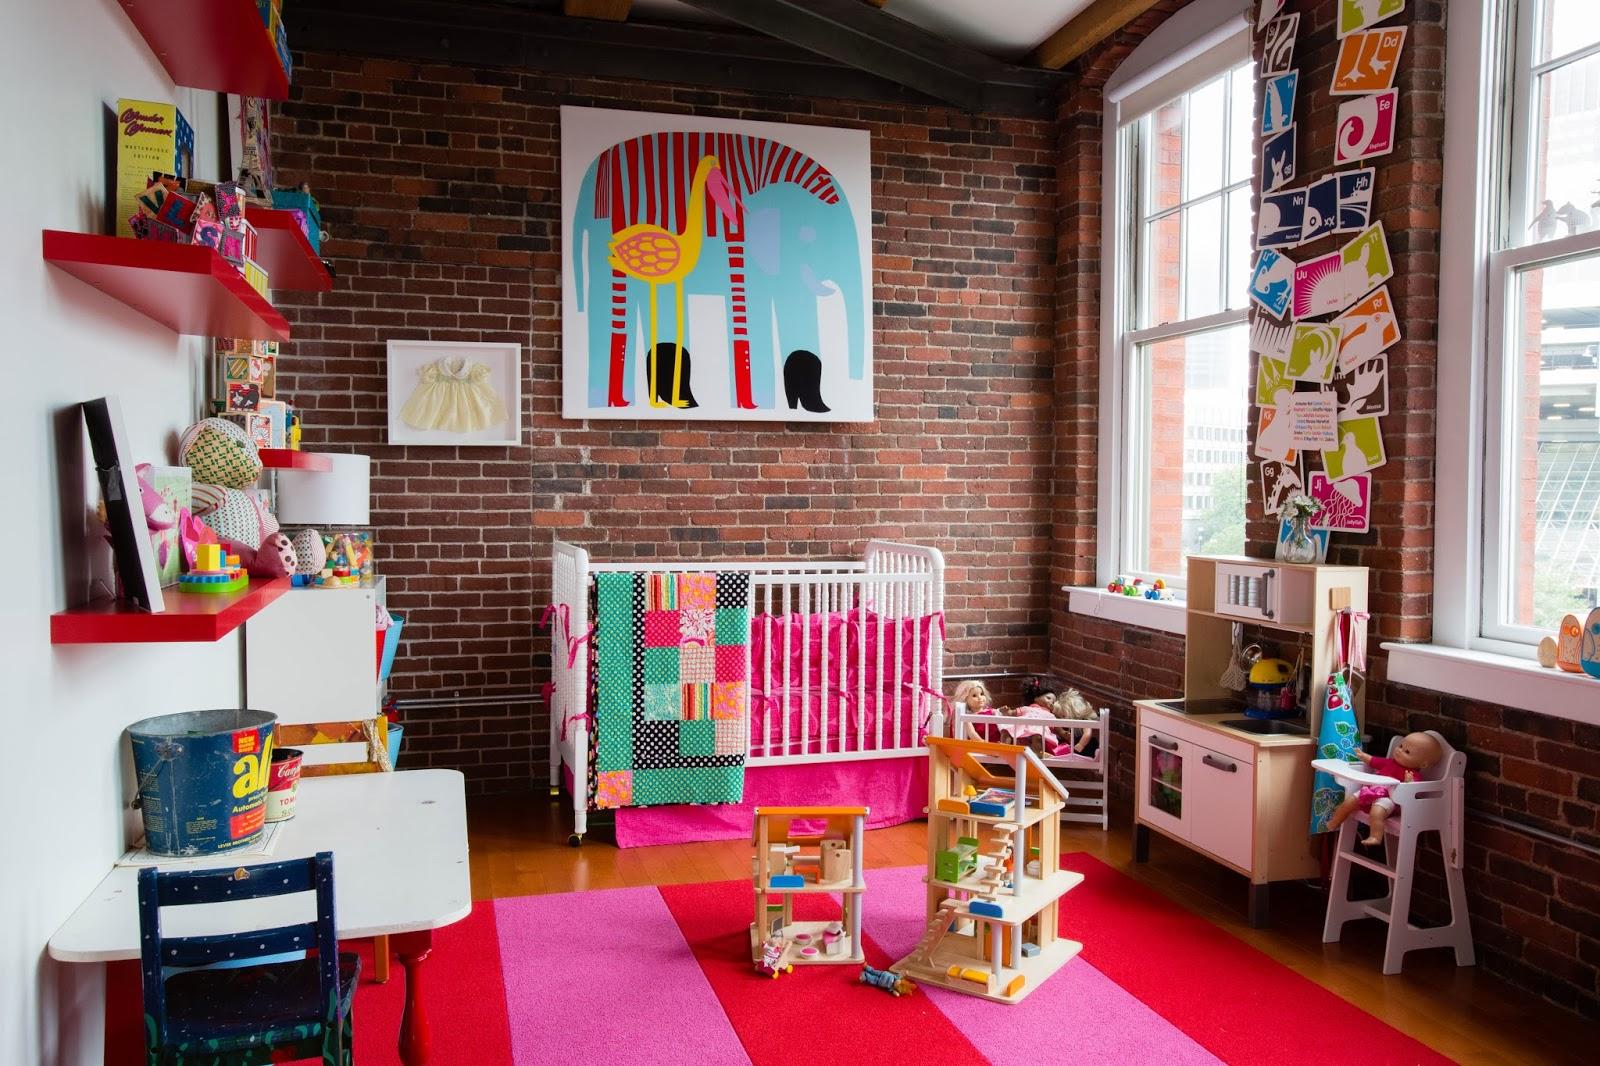 Minimalismo con lujo de detalles project owling - Decoracion infantil habitacion ...